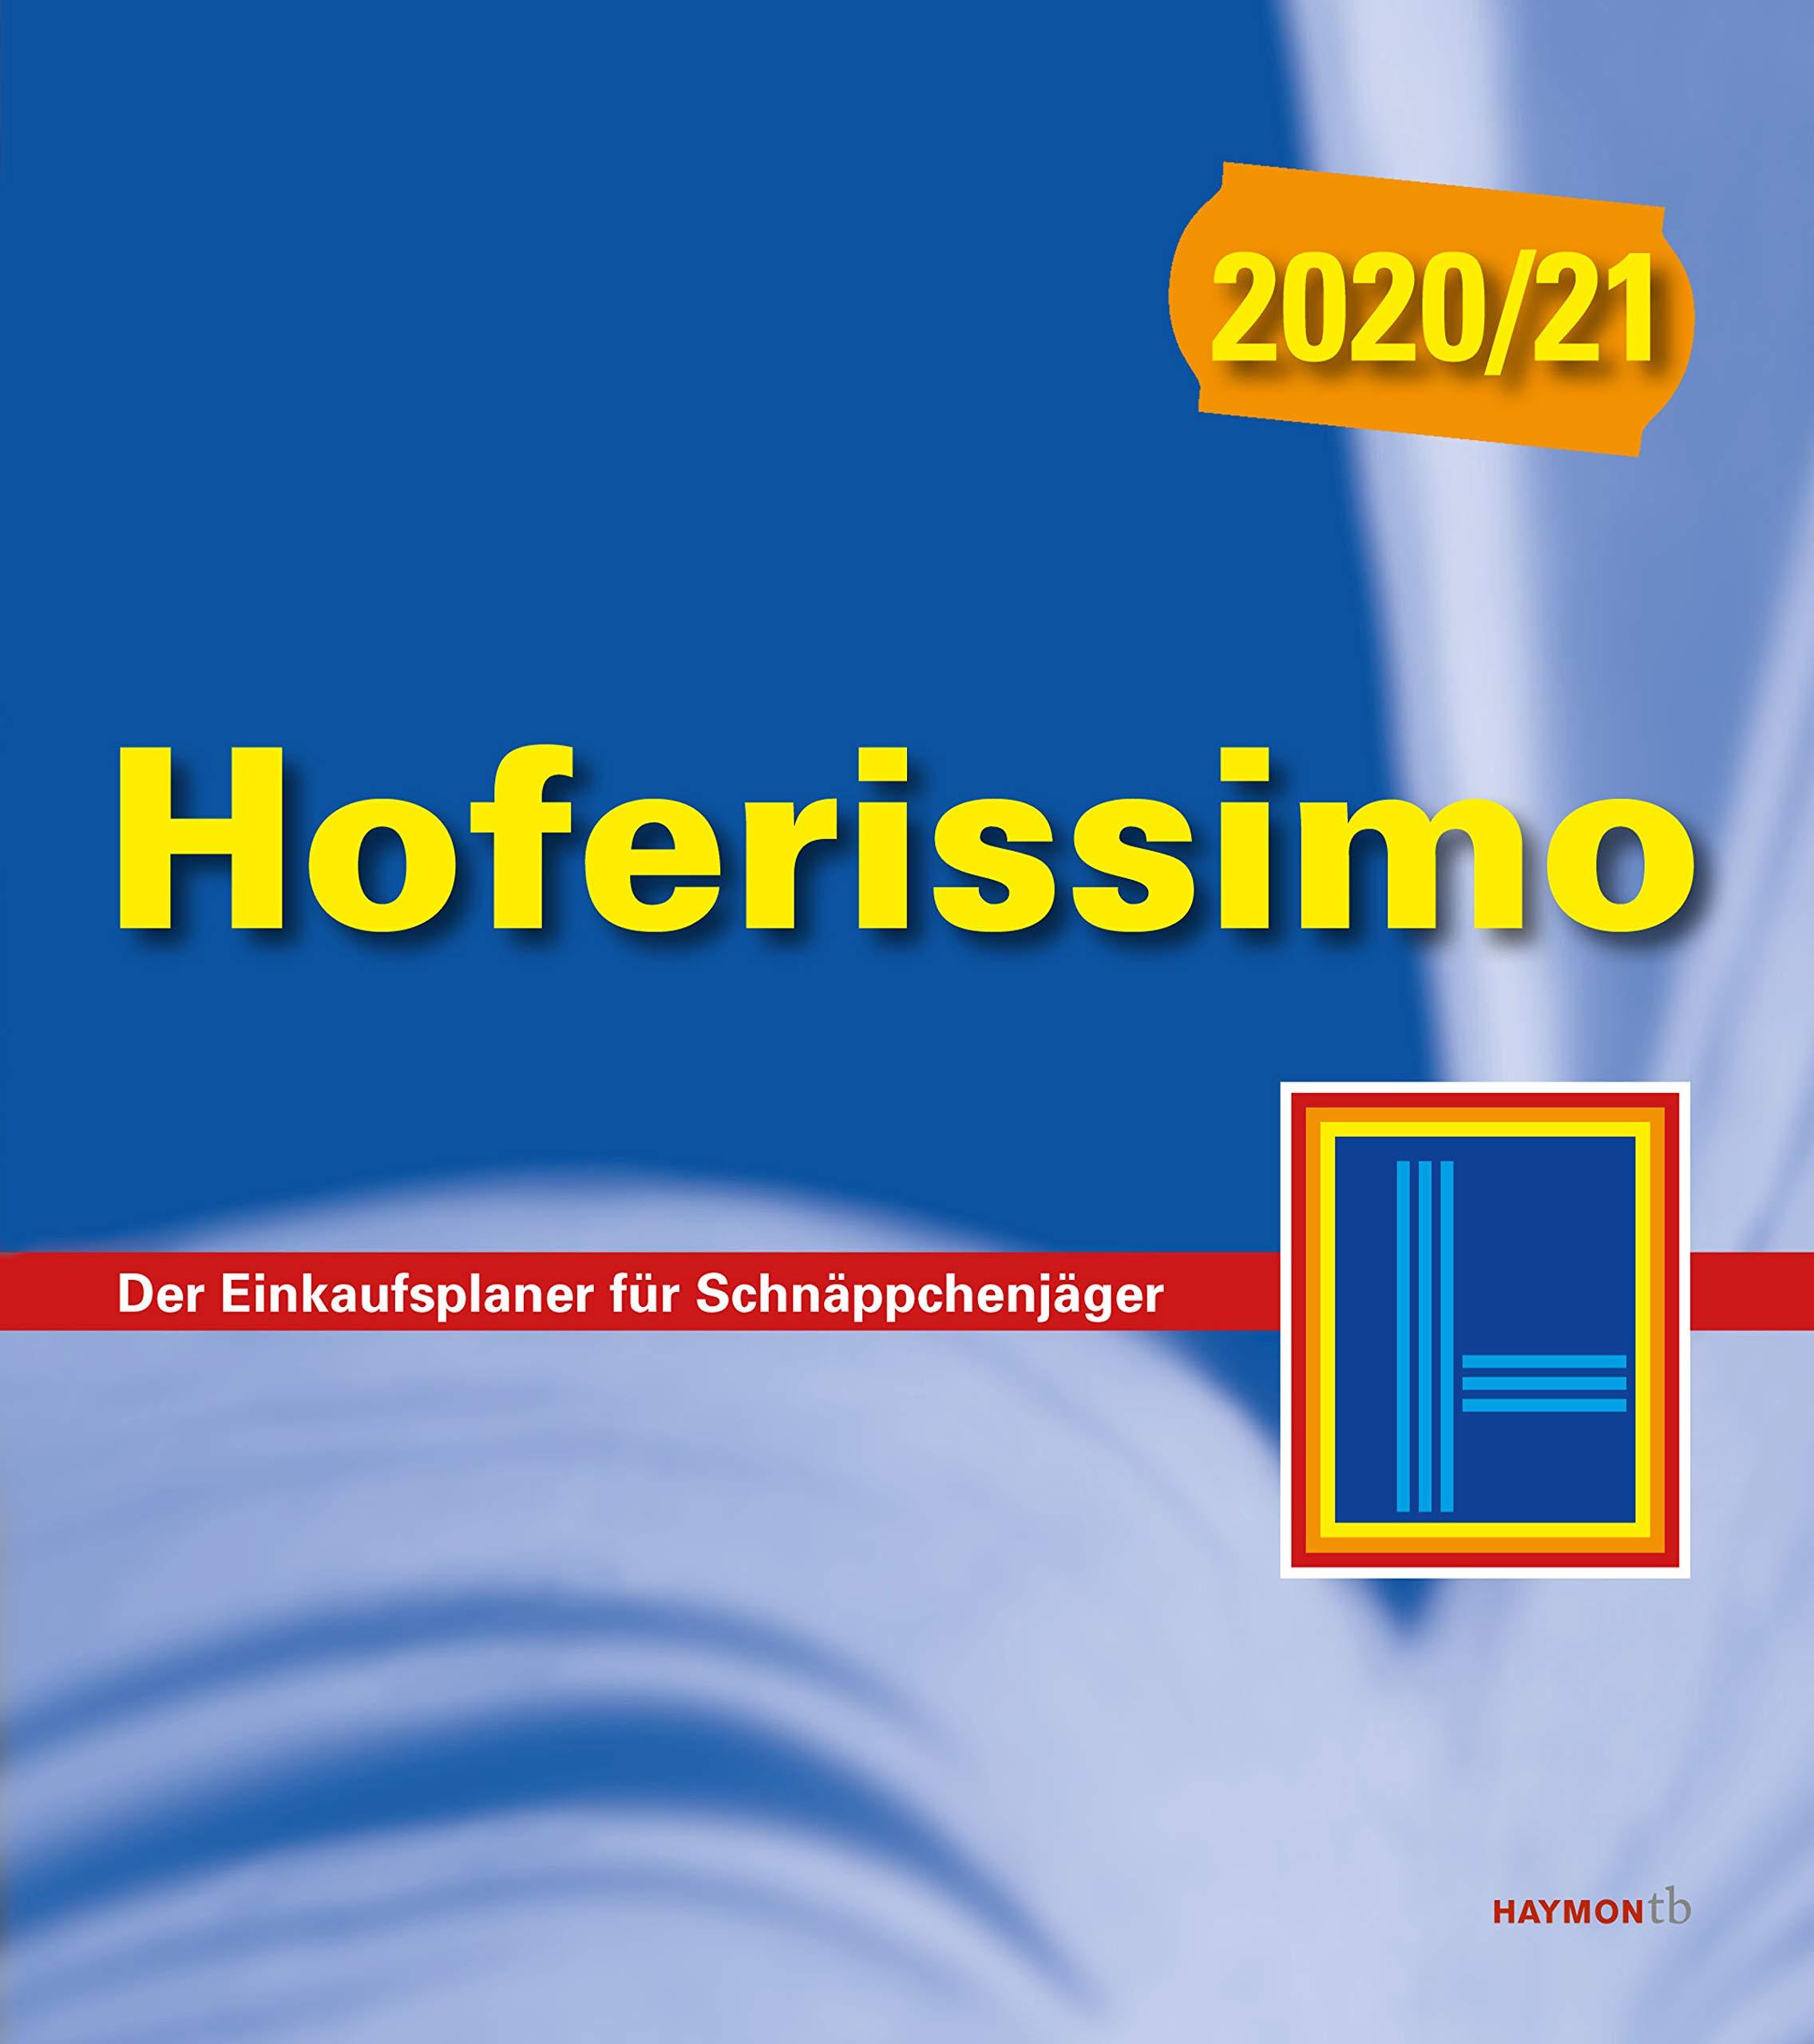 Hoferissimo 2020 21  Der Einkaufsplaner Für Schnäppchenjäger  HAYMON TASCHENBUCH